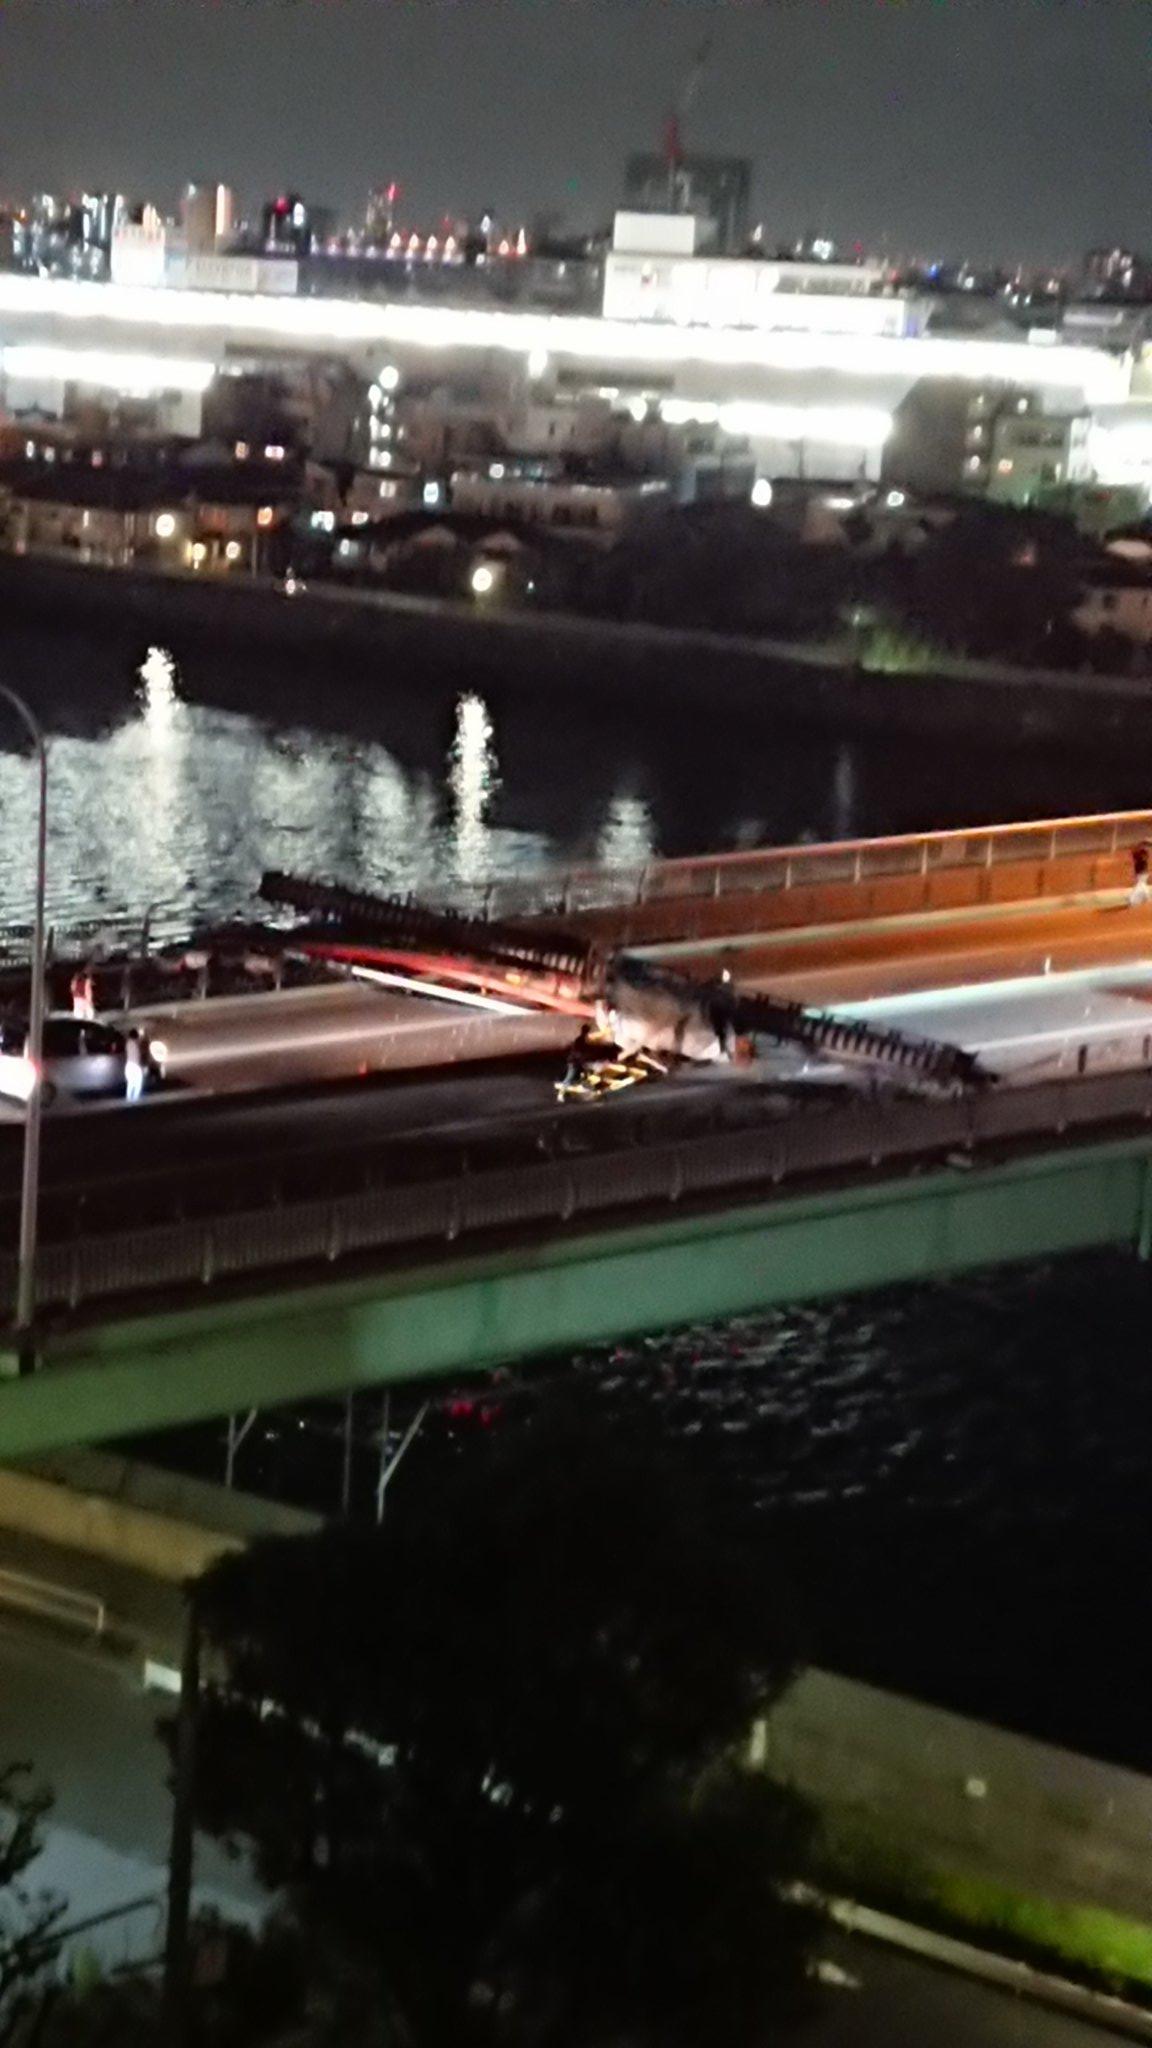 画像,環七 青砥橋でクレーンが倒れて通行出来なくなってます川作業中のクレーン様です https://t.co/QYMxLphJdF…